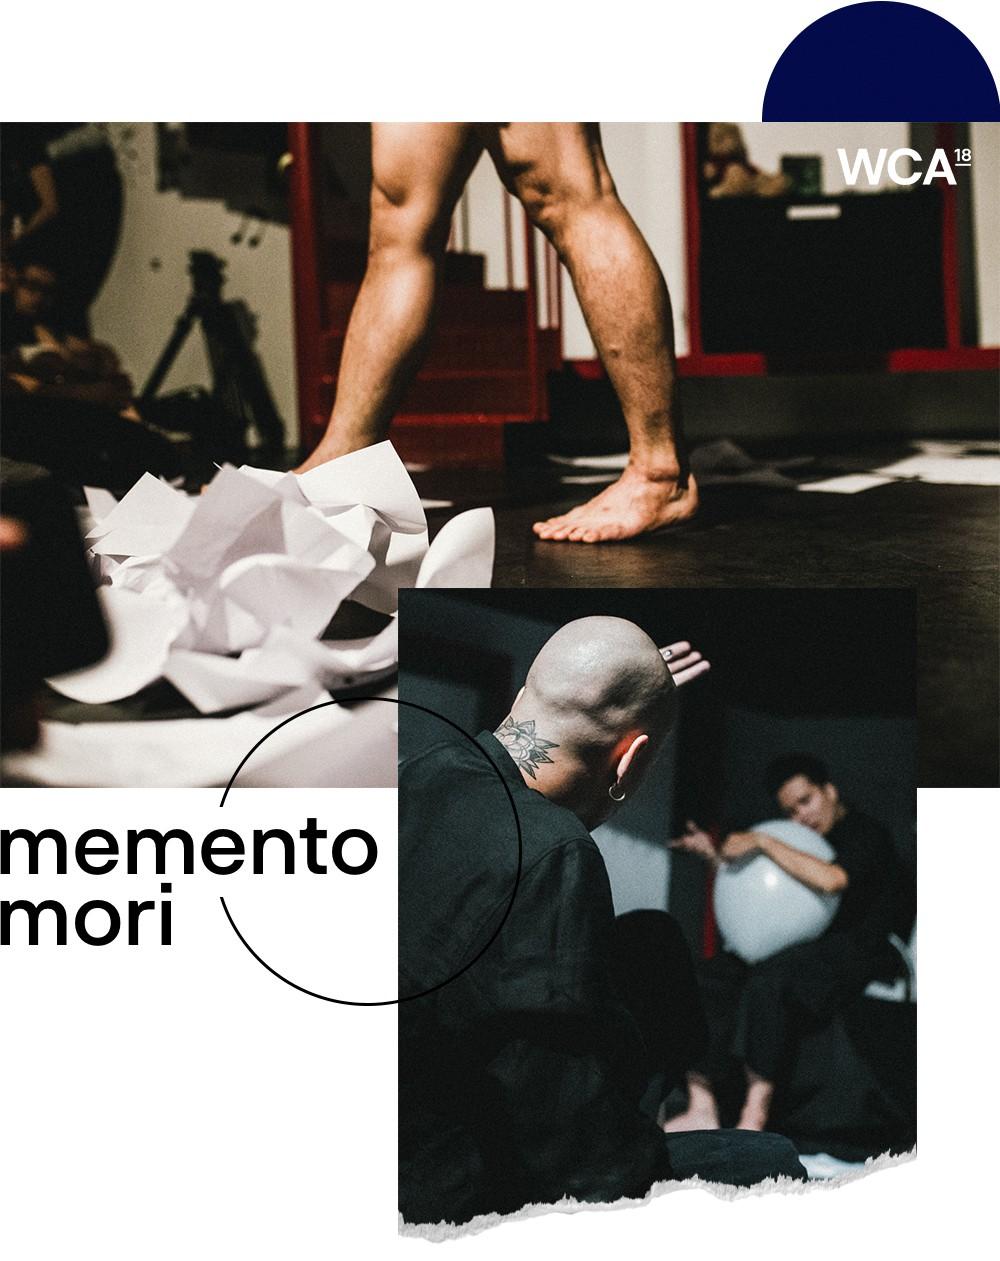 Hành trình cận tử khốc liệt Memento Mori: Hãy sống một ngày như cả trăm năm - Ảnh 5.